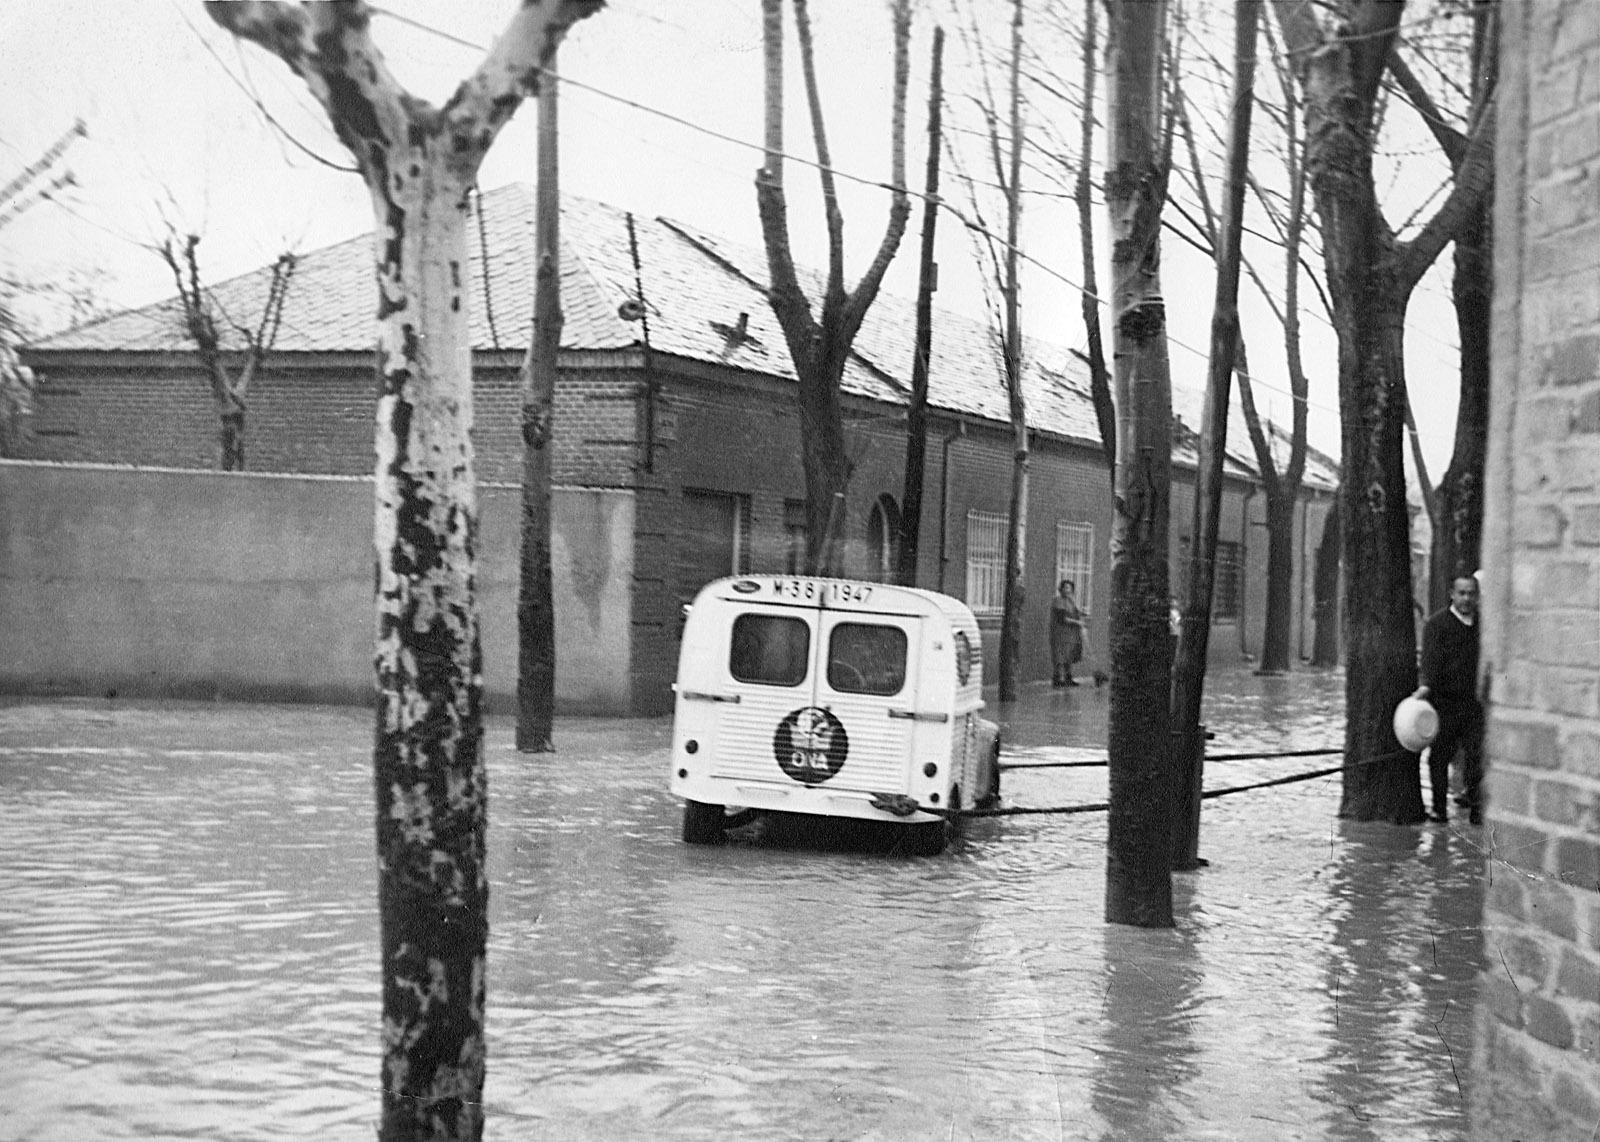 La calle Boltaña era un arroyo sin canalizar y las riadas eran habituales, hasta los años 70 no fue urbanizada.